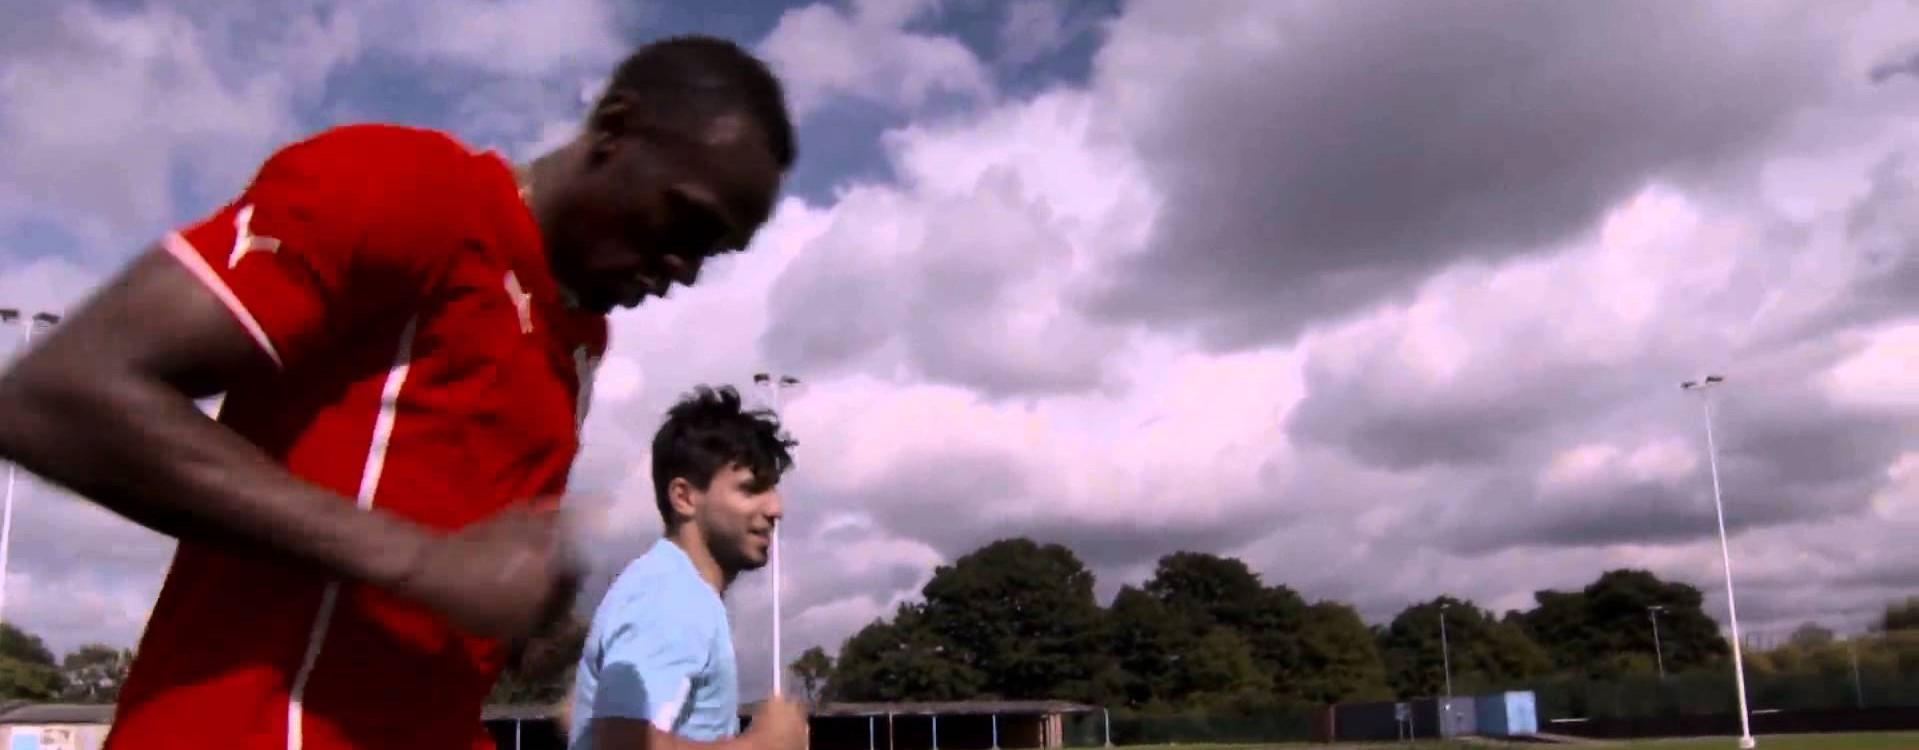 【陸上】<ウサイン・ボルト>サッカー転向を希望!「得意分野だ」9月にマンチェスター・ユナイテッドのレジェンドマッチ出場へ